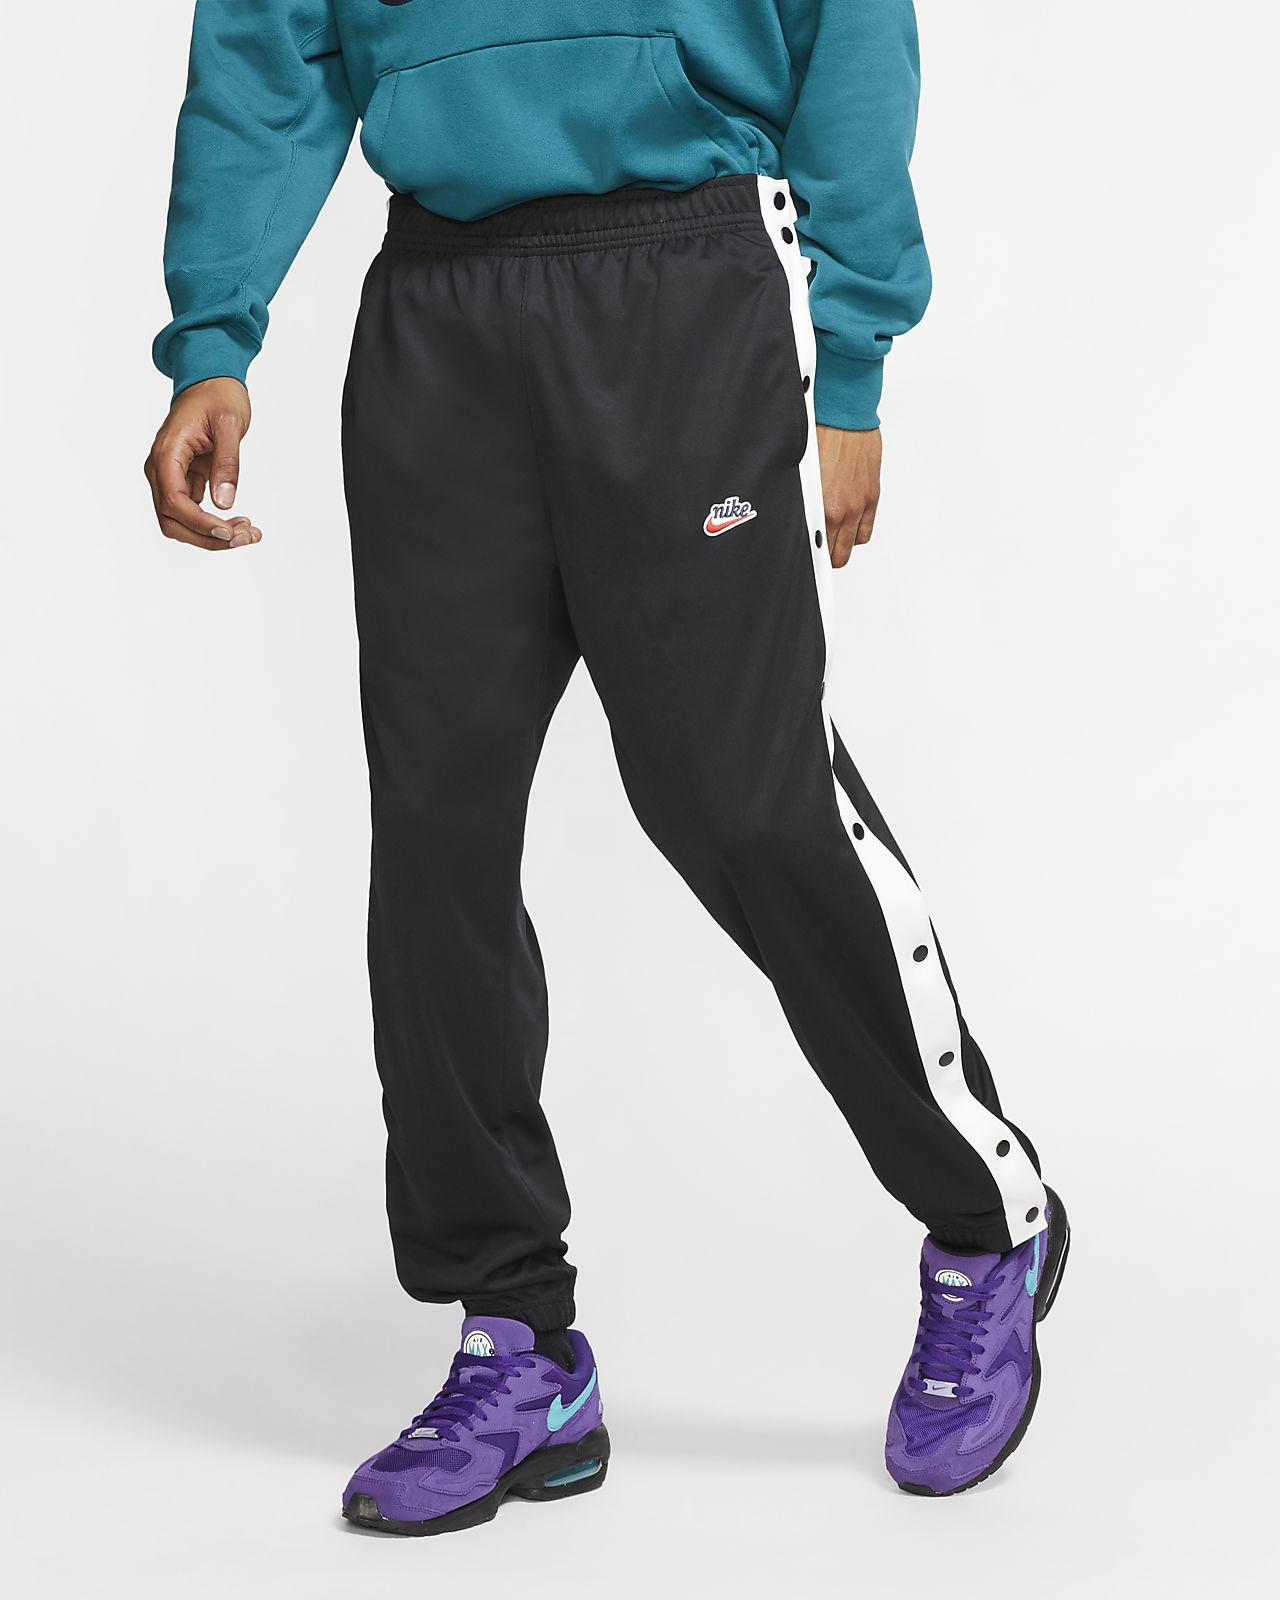 pantaloni nike fitness uomo